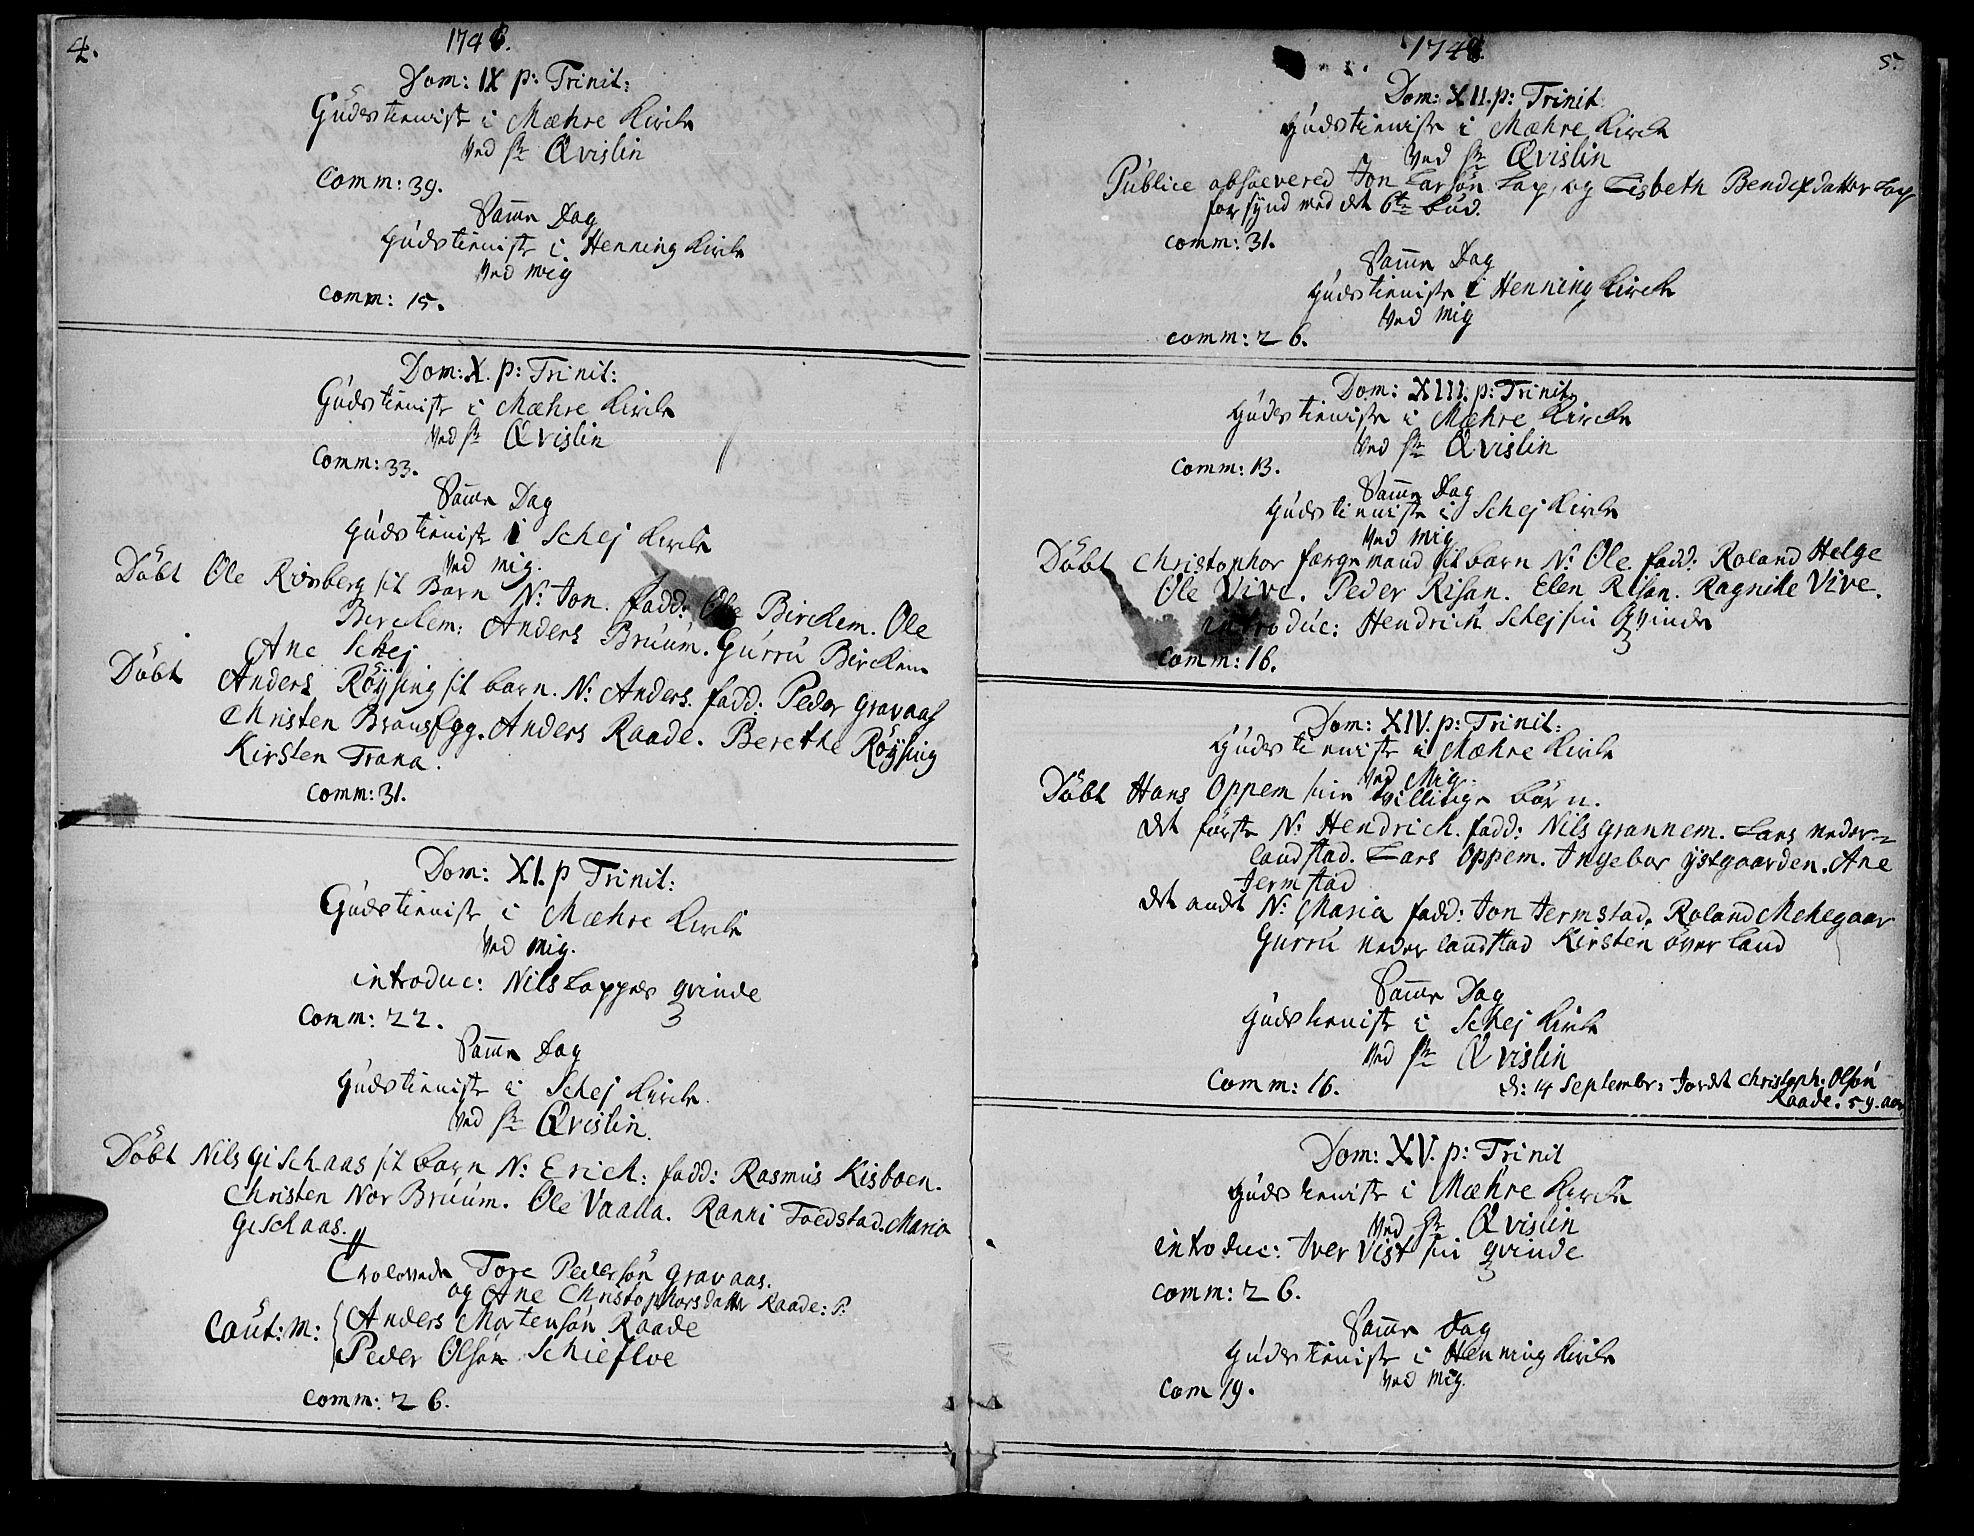 SAT, Ministerialprotokoller, klokkerbøker og fødselsregistre - Nord-Trøndelag, 735/L0330: Ministerialbok nr. 735A01, 1740-1766, s. 4-5